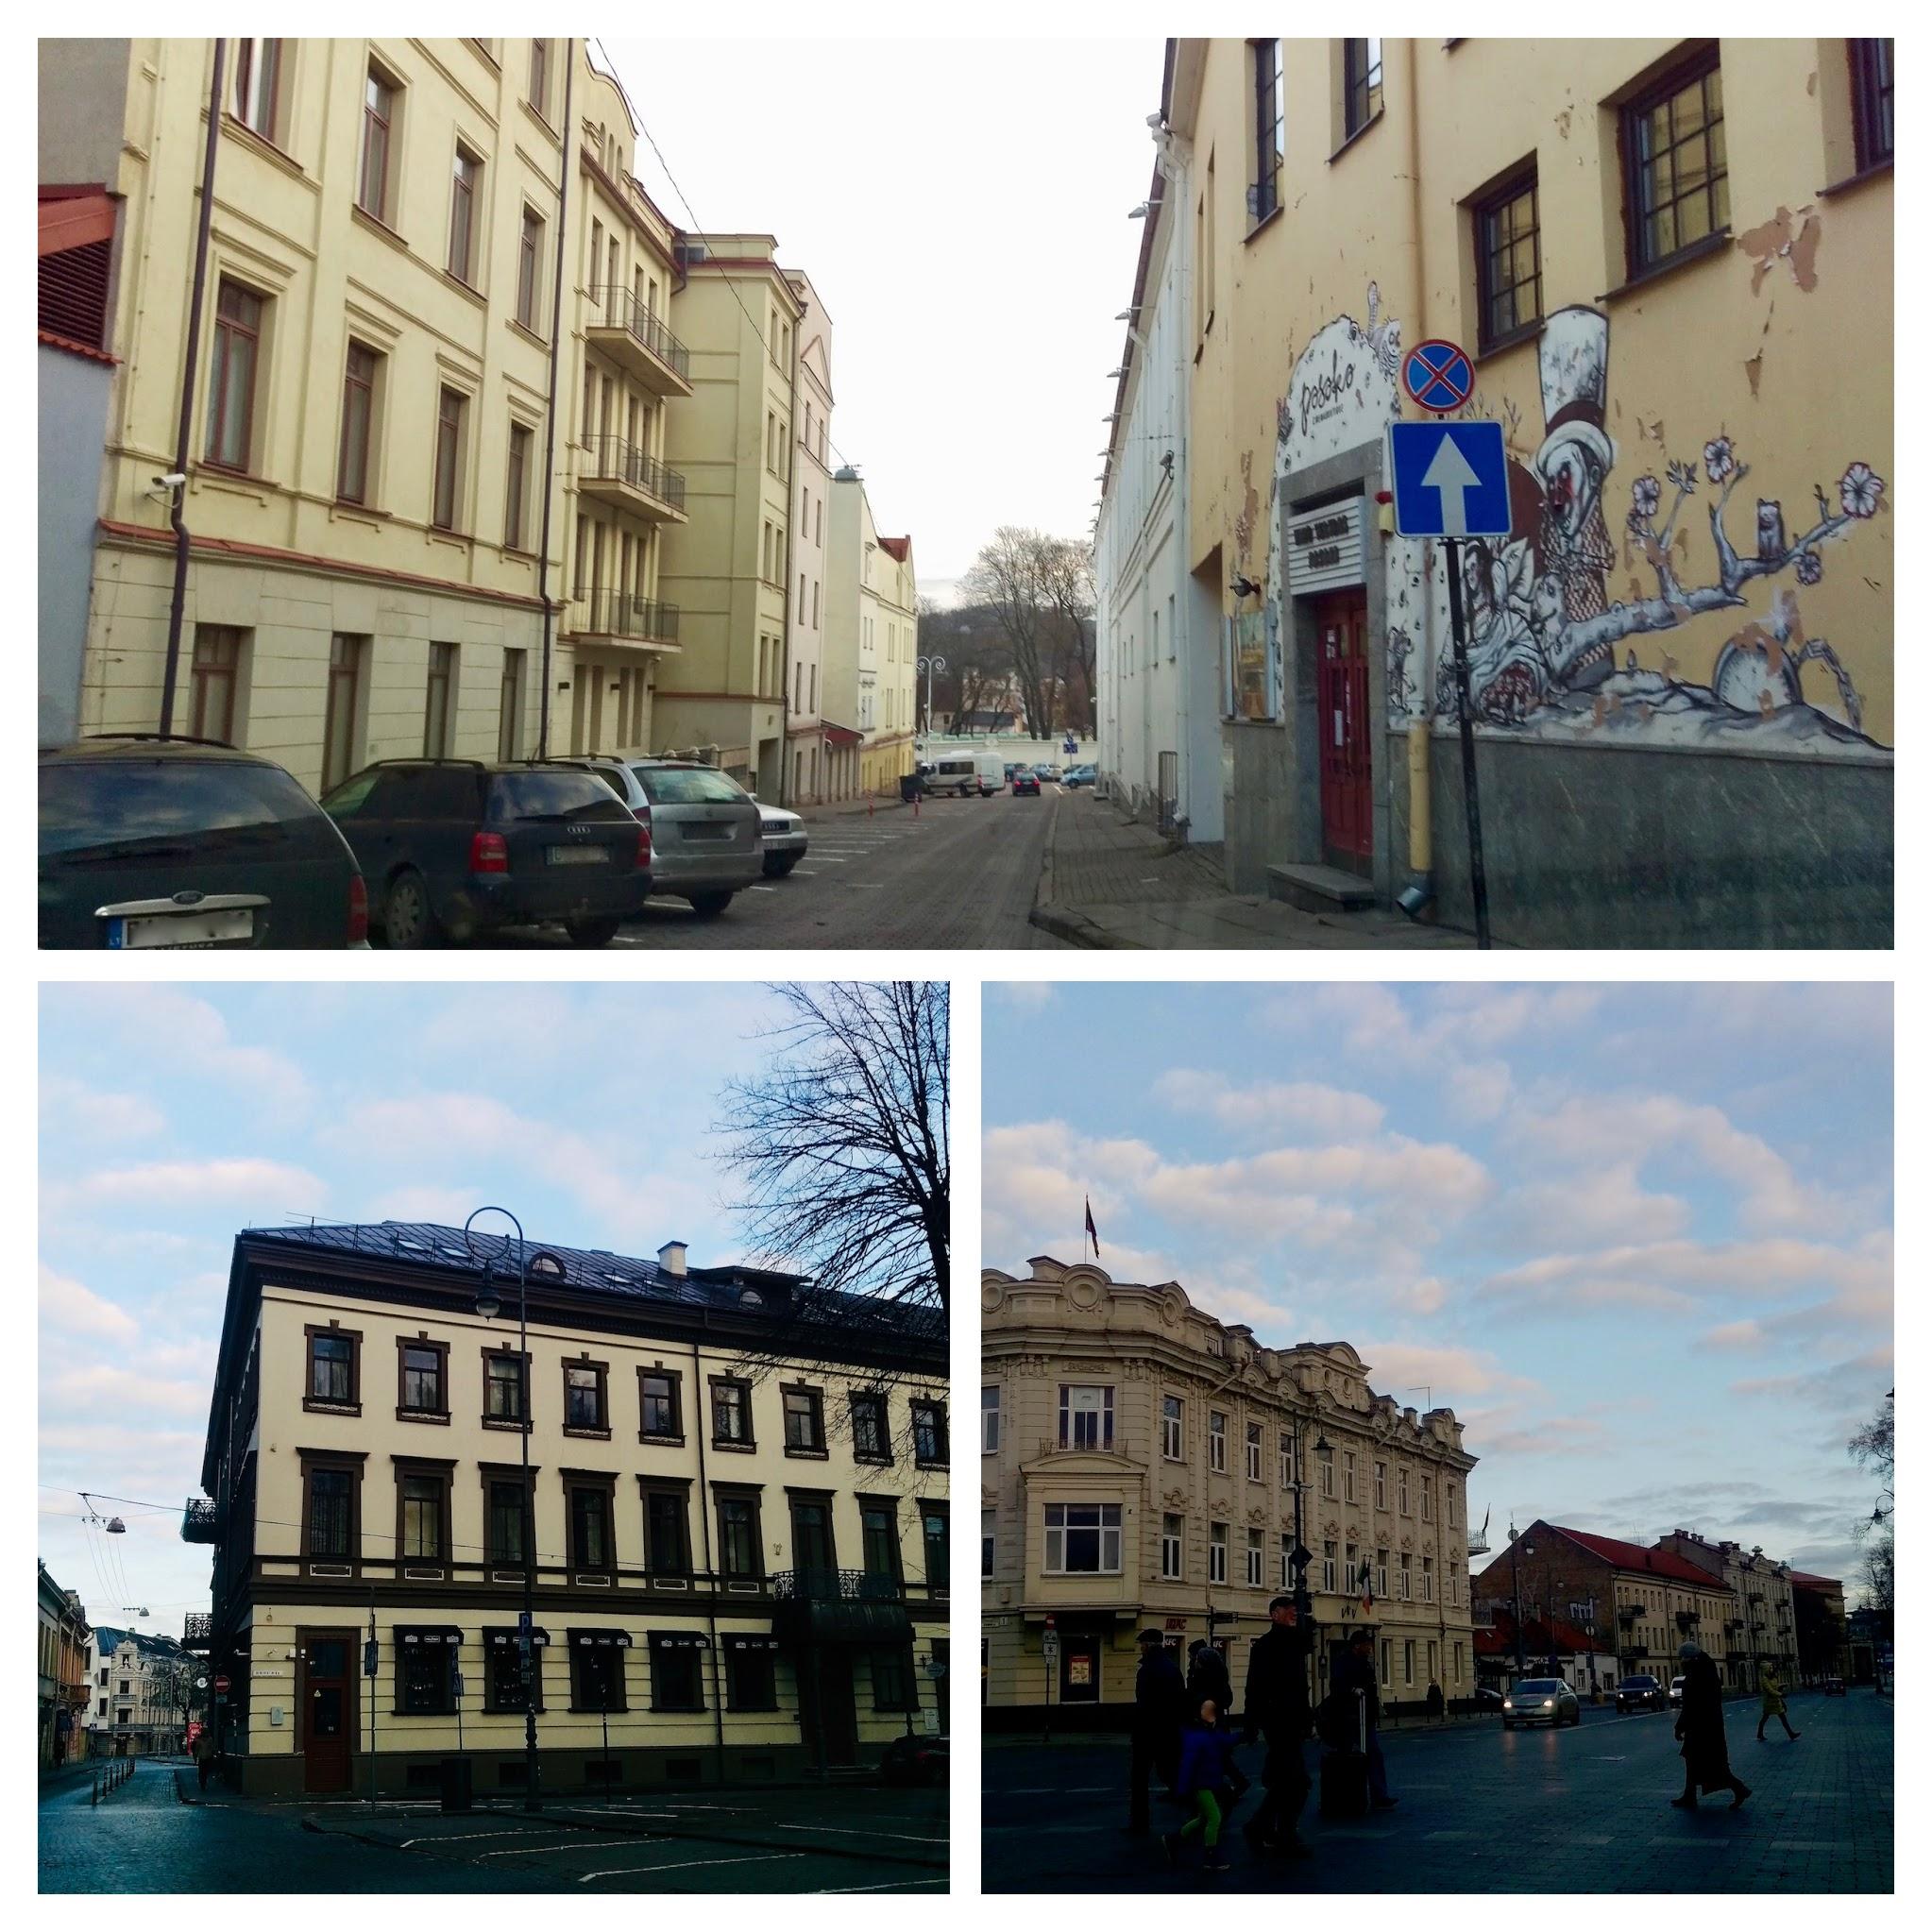 Pre-war architecture in Vilnius - pretty cool